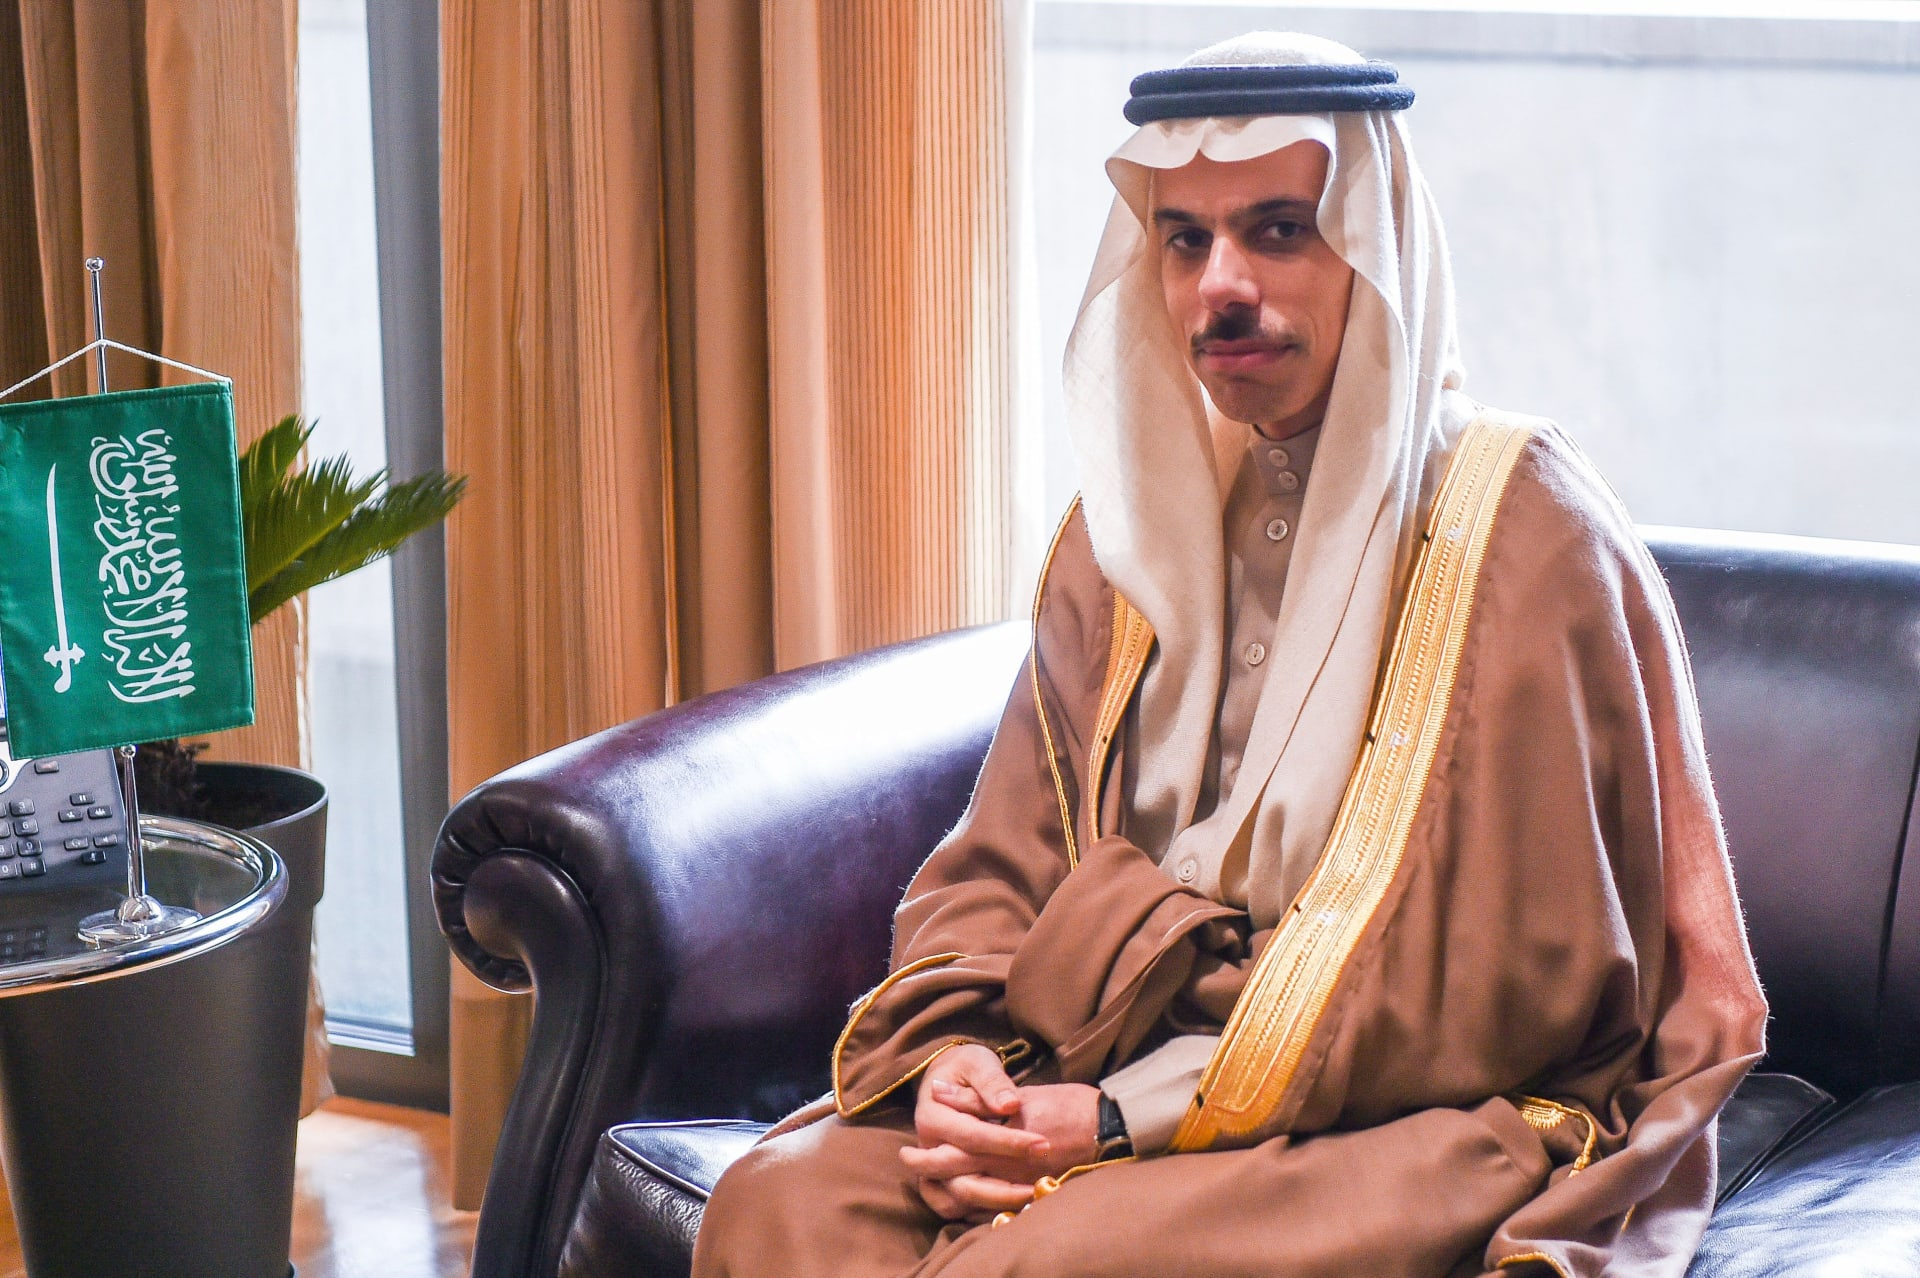 أول زيارة لوزير خارجية سعودي على الإطلاق.. بن فرحان يختتم رحلته بدولة أوروبية